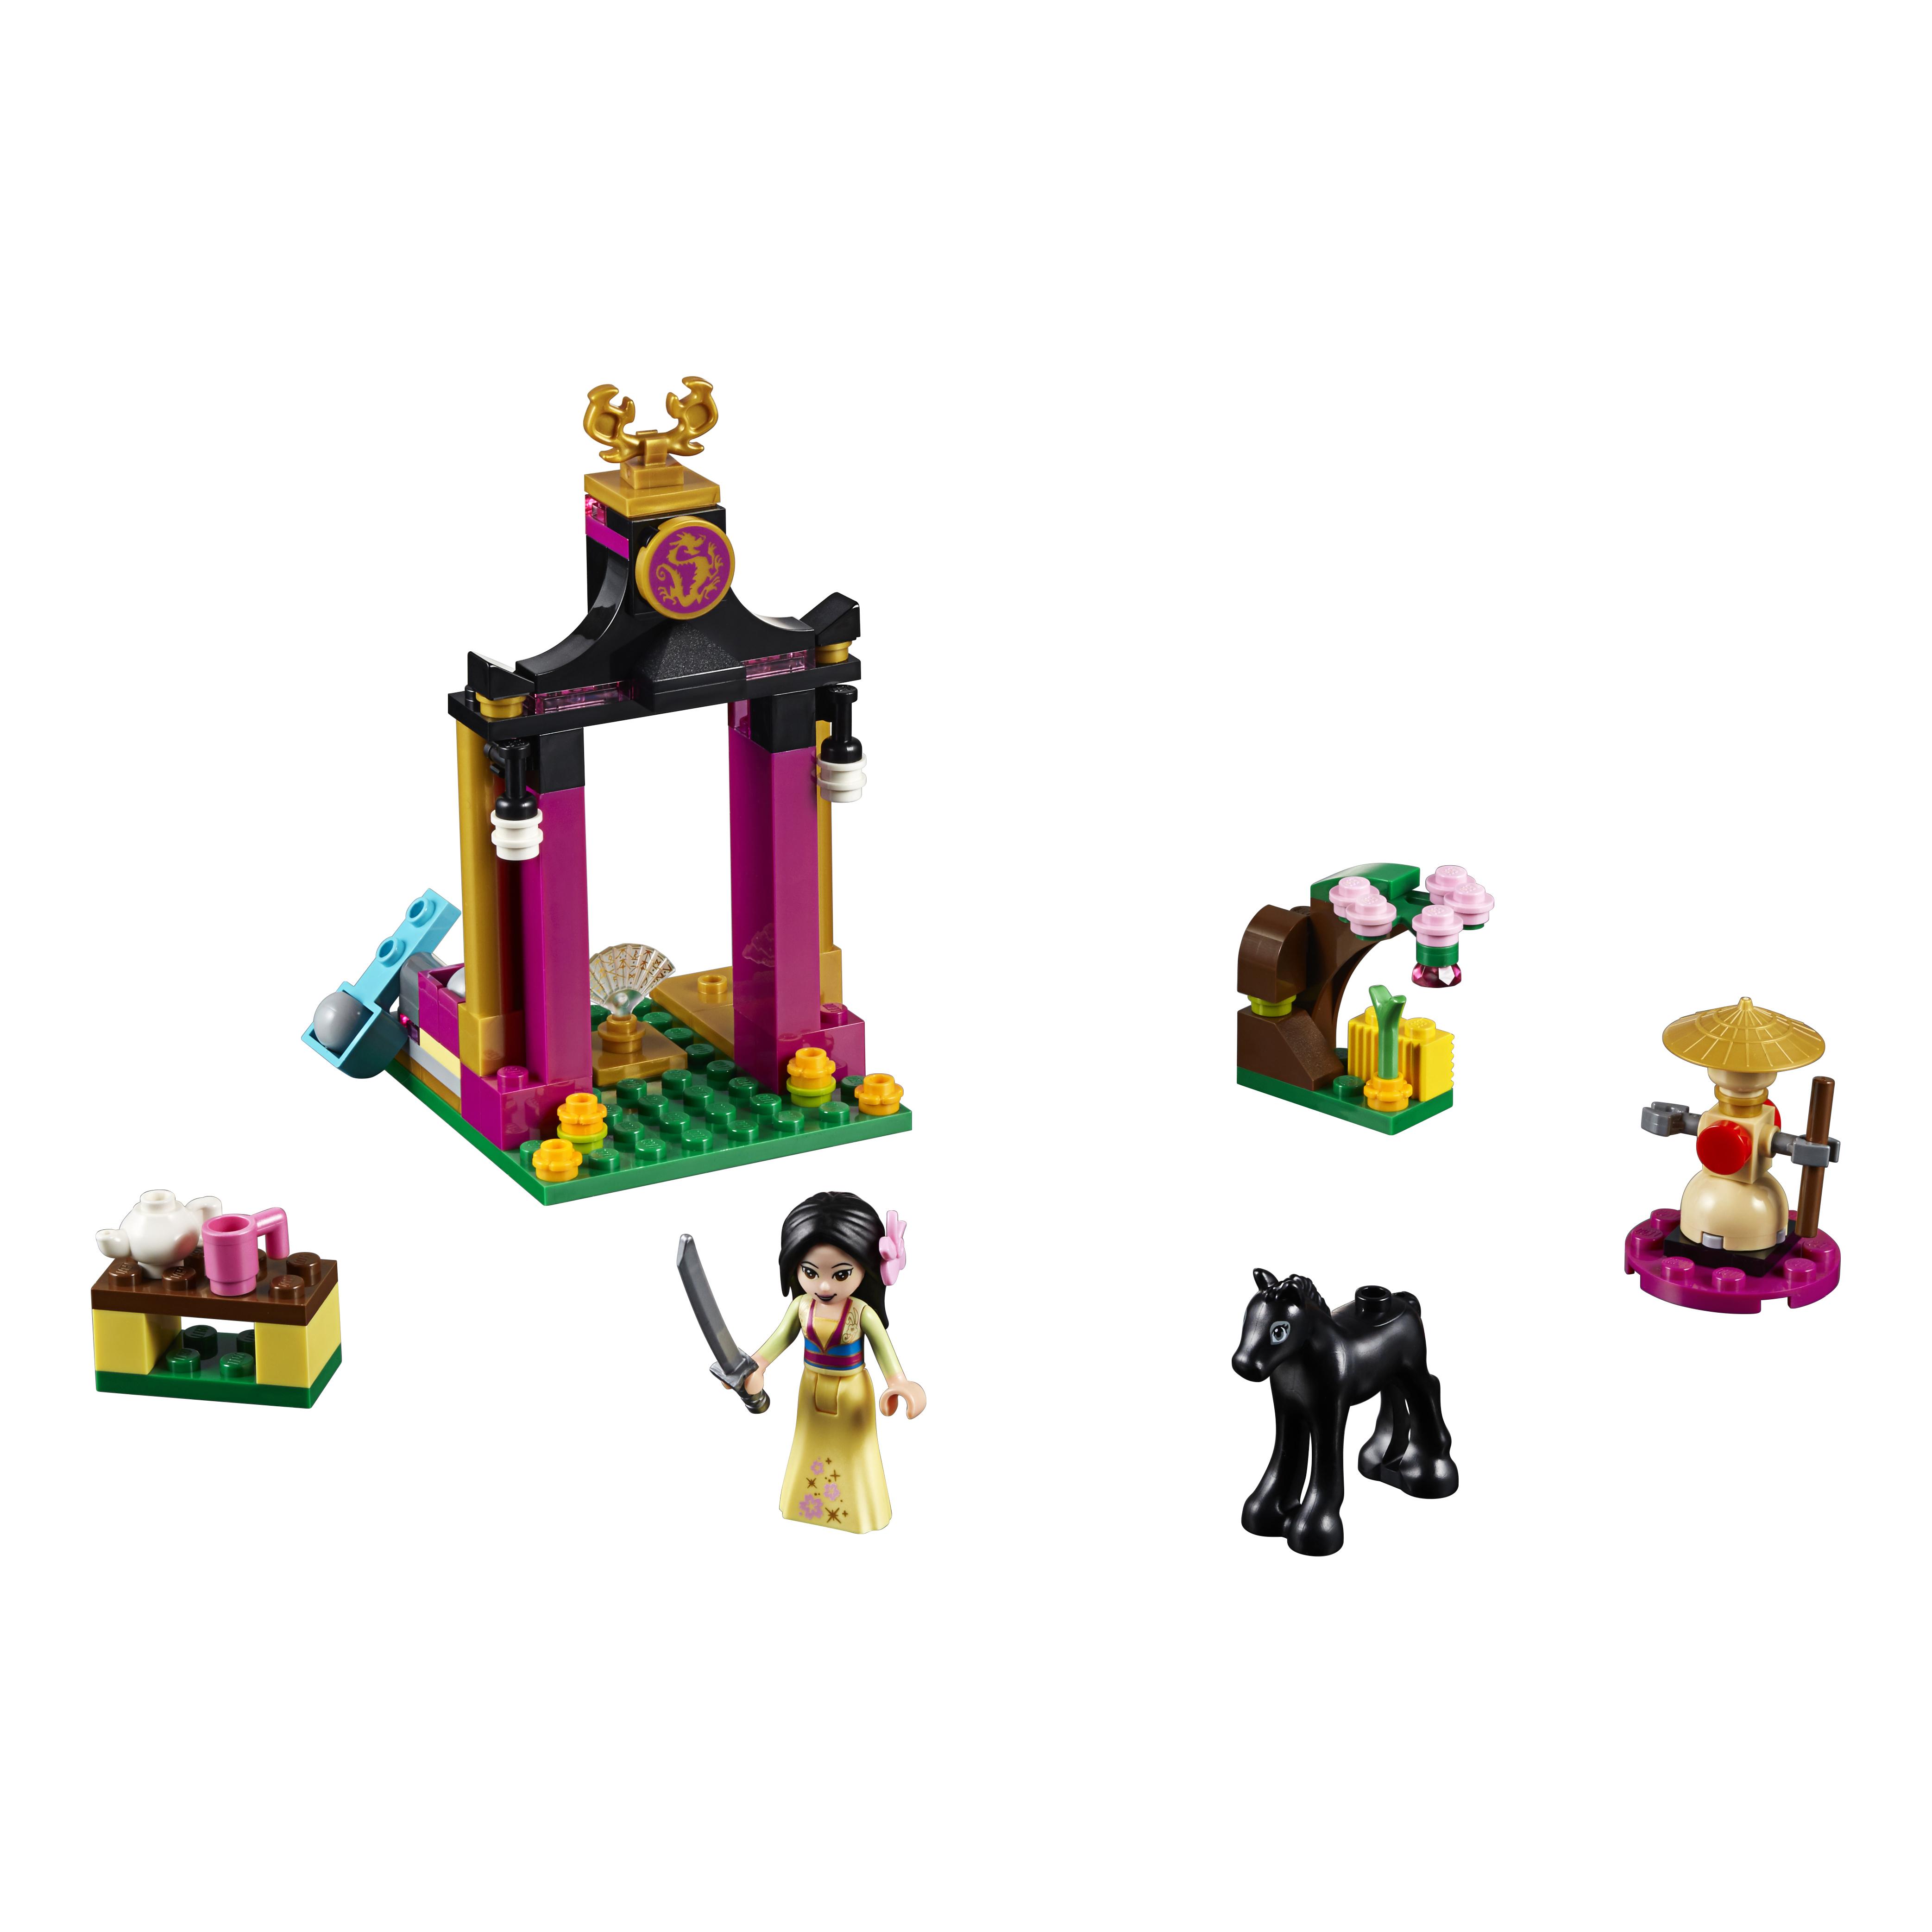 Купить Конструктор lego disney princess учебный день мулан (41151), Конструктор LEGO Disney Princess Учебный день Мулан (41151),